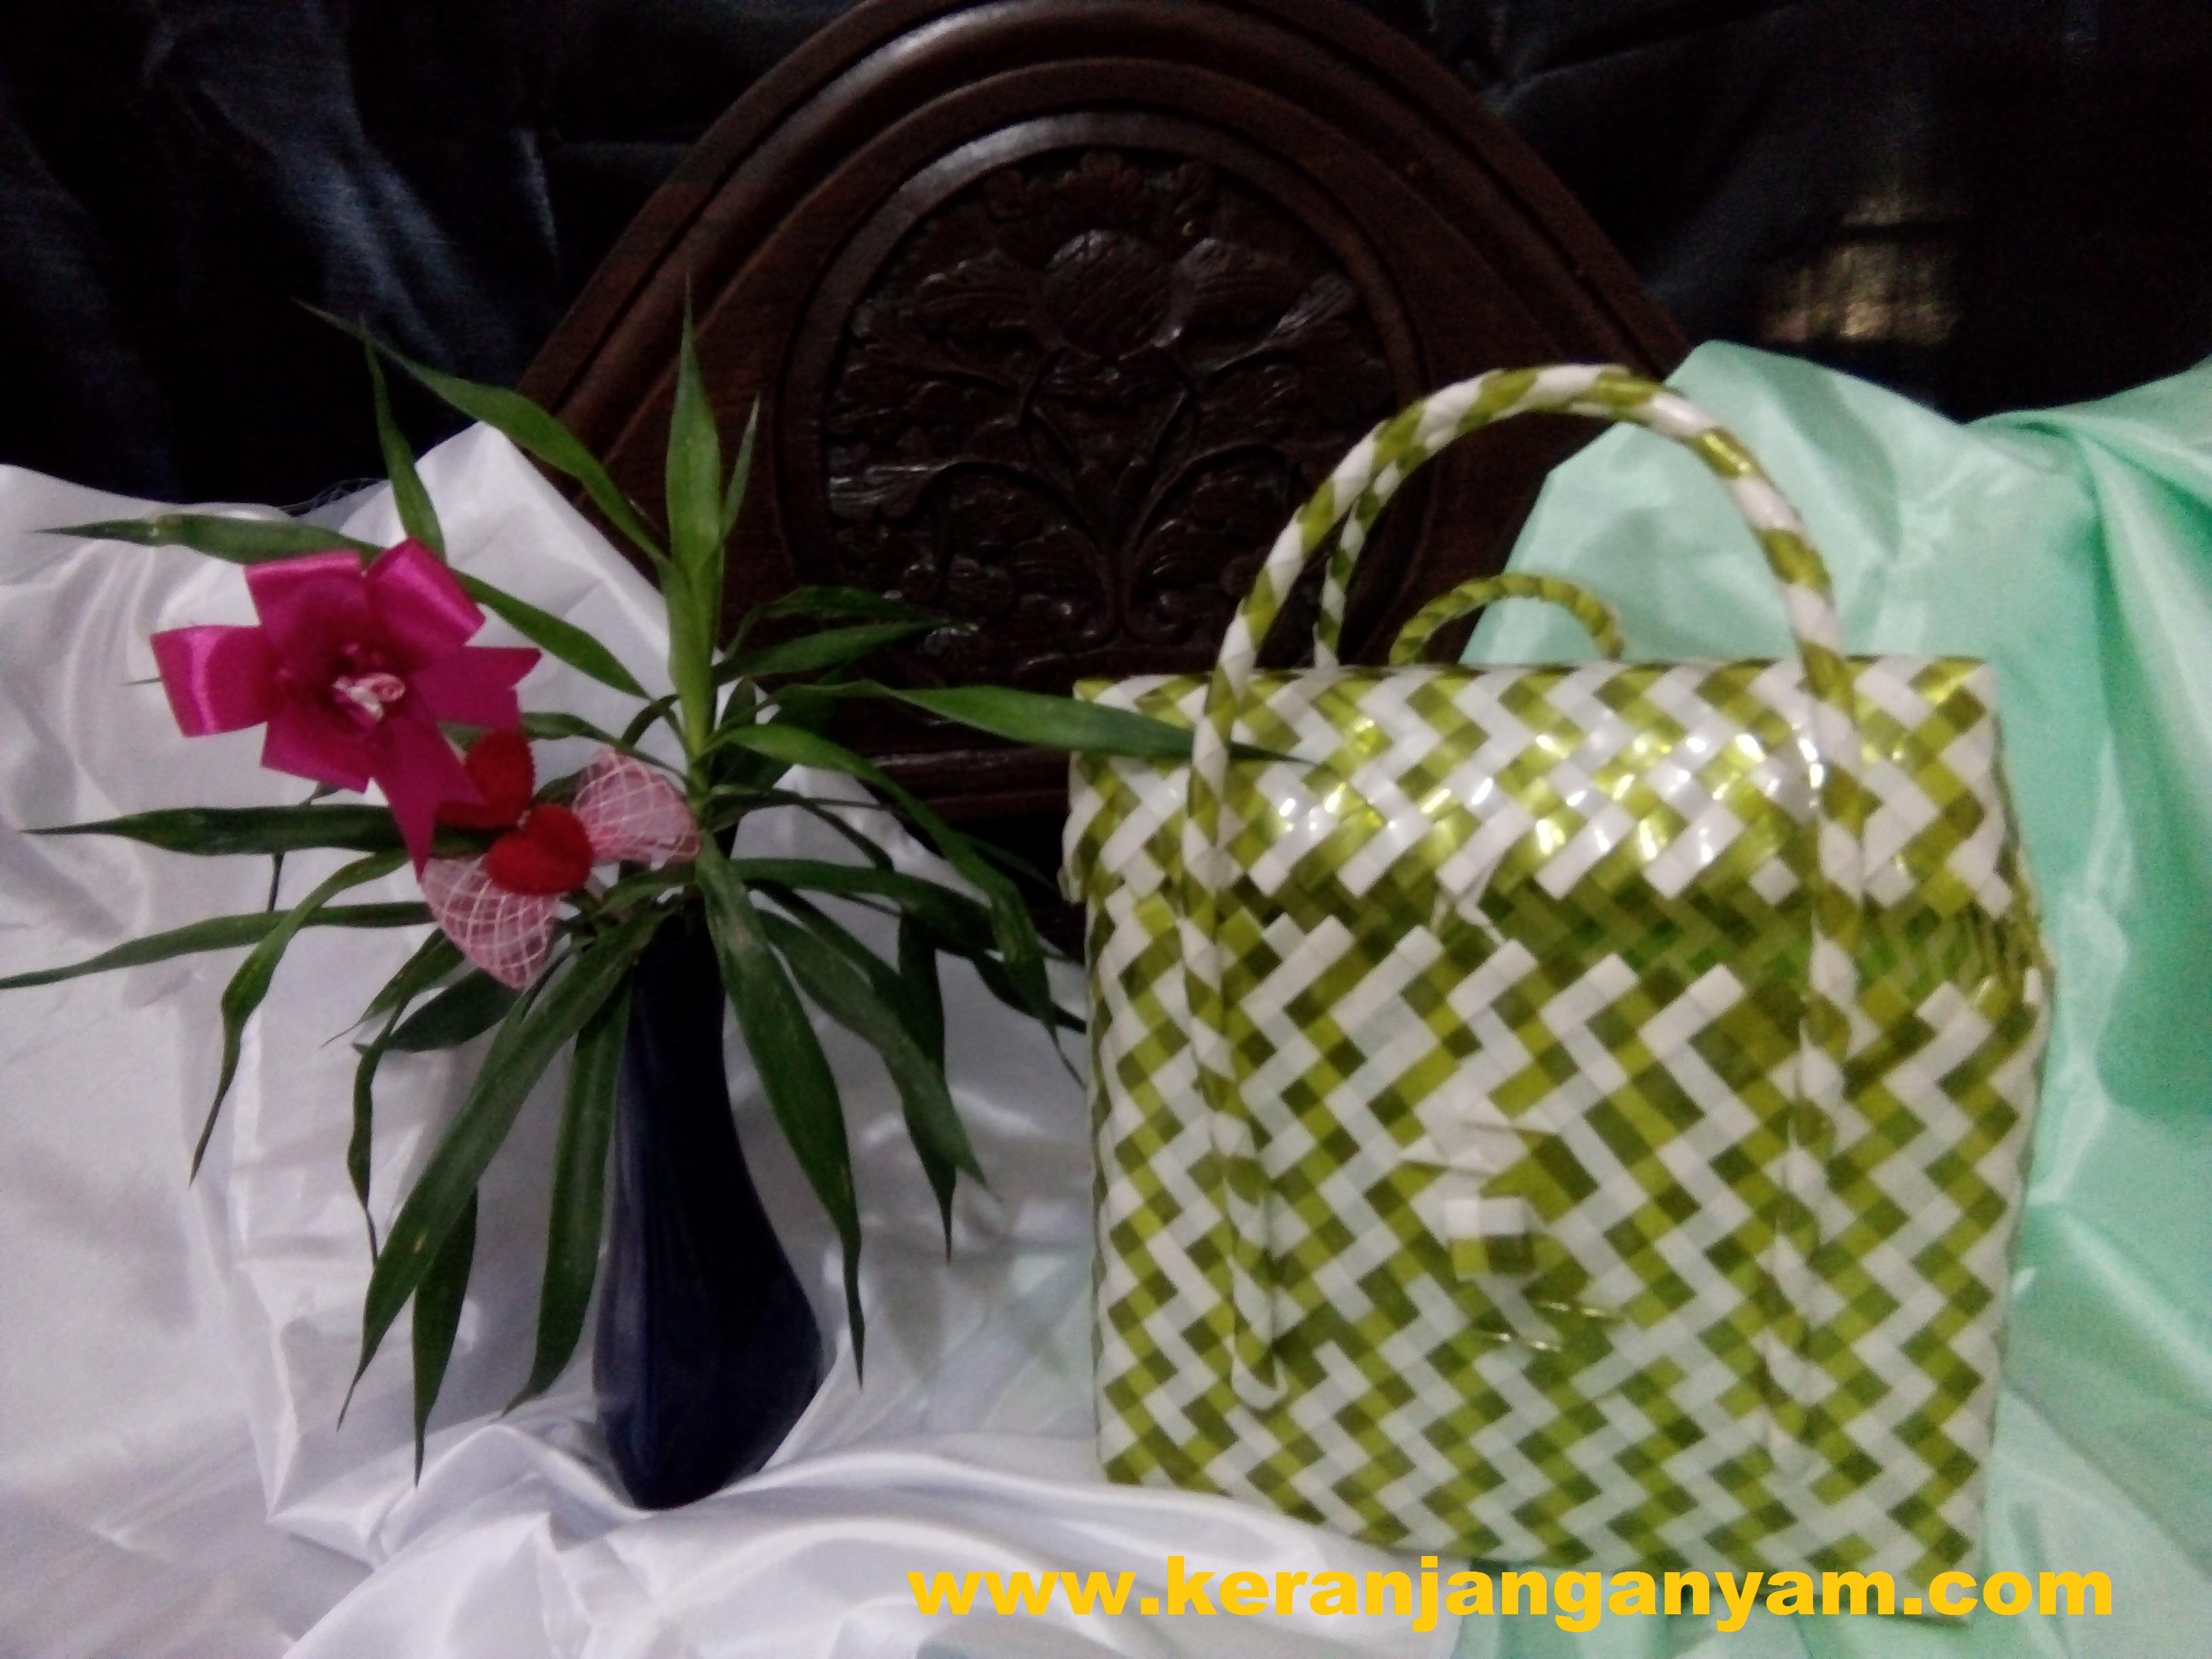 Tas Kotak Bening Kaca Tutup Warna Kuning Putih Zebra